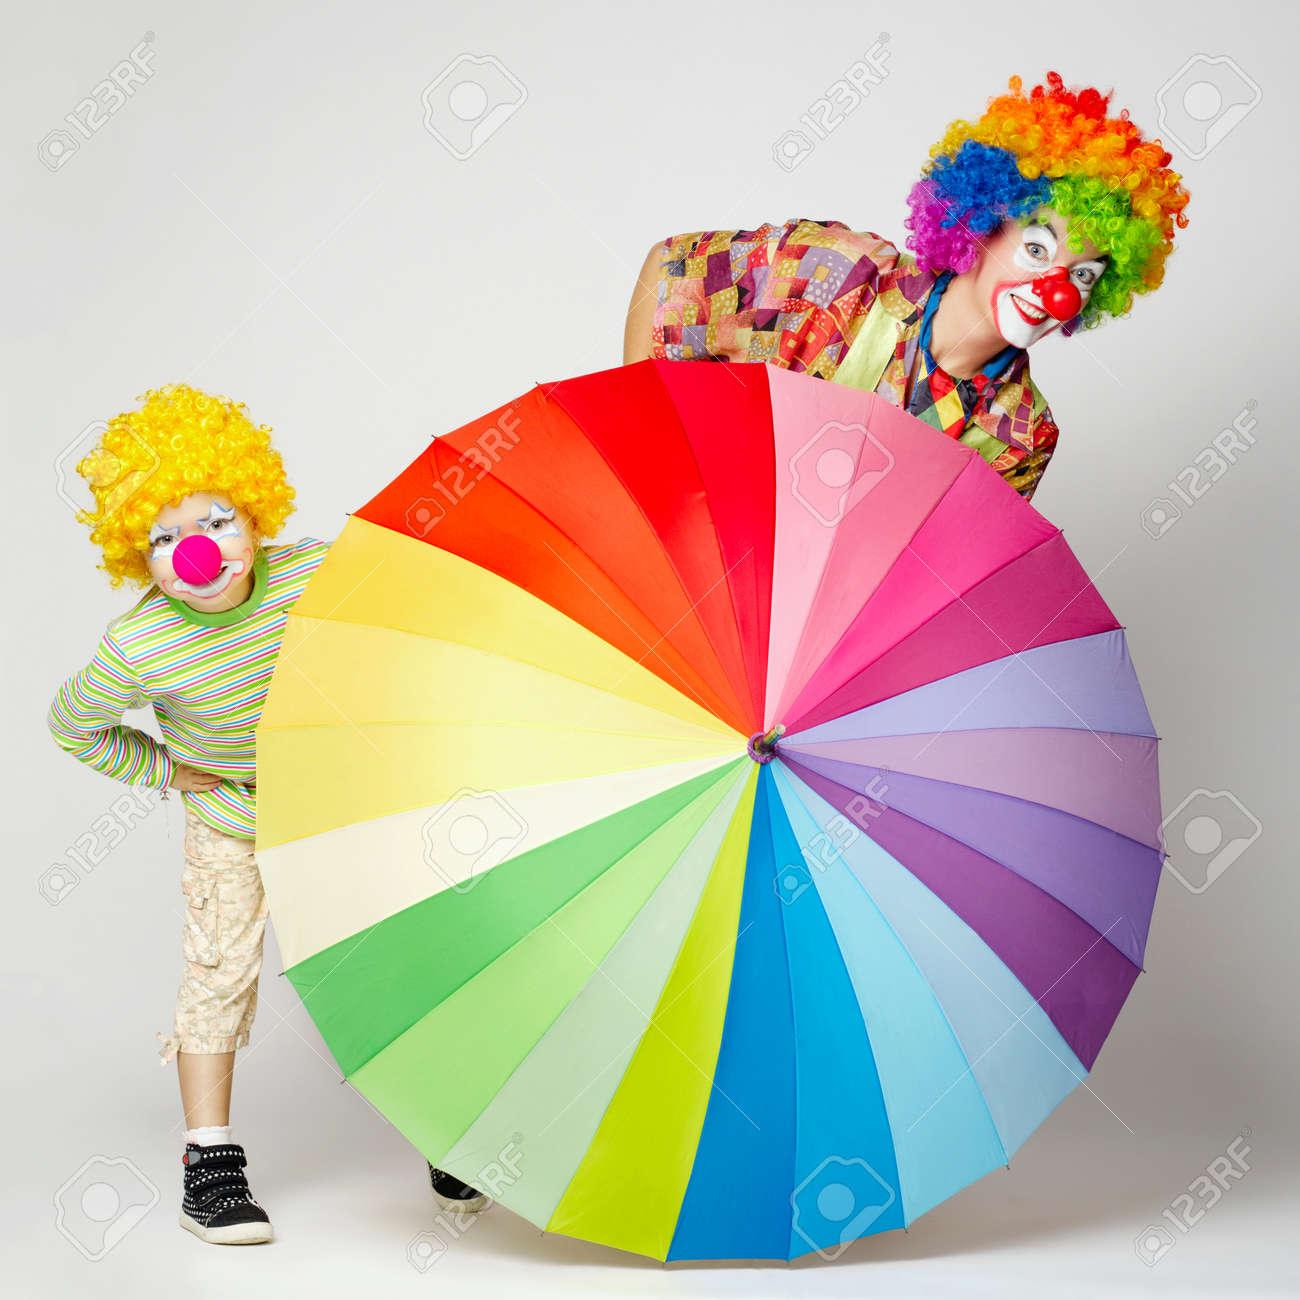 banque dimages drle de clown avec parapluie color sur fond blanc - Parapluie Color